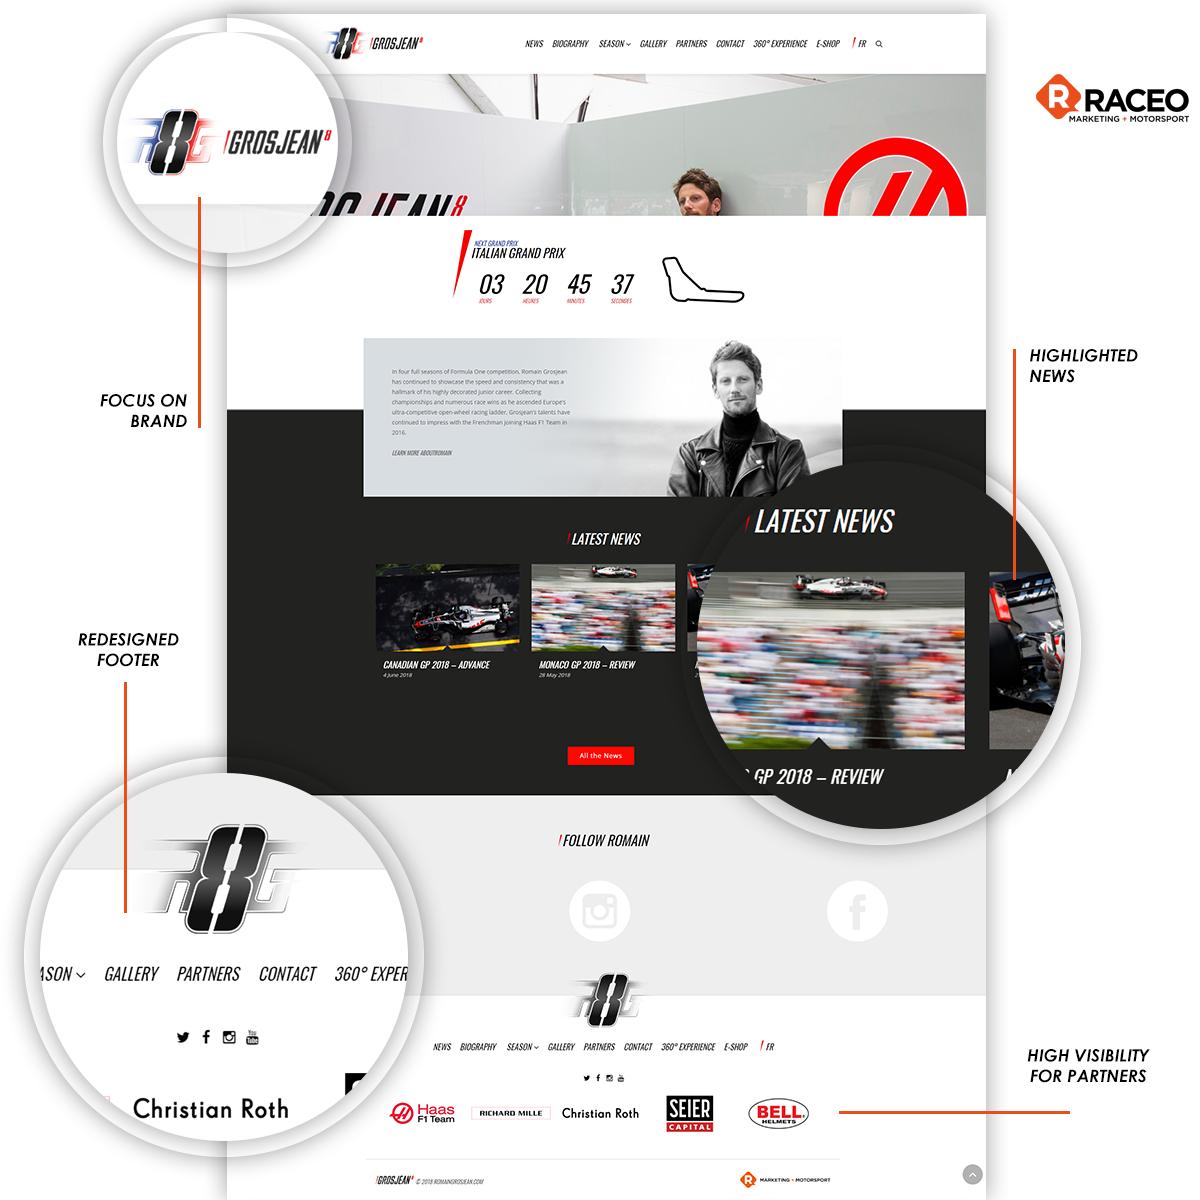 Raceo redesigned Romain Grosjean's website - Raceo